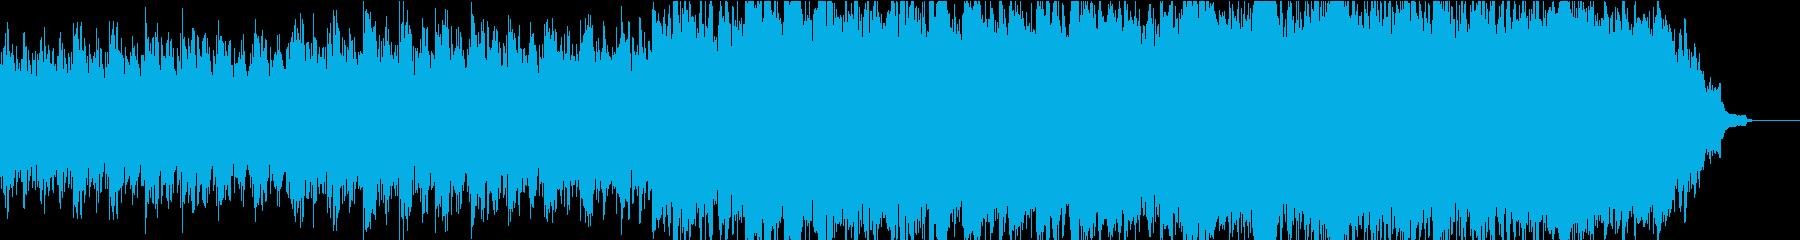 優しく感動的なピアノ+オケ①全楽器フルの再生済みの波形